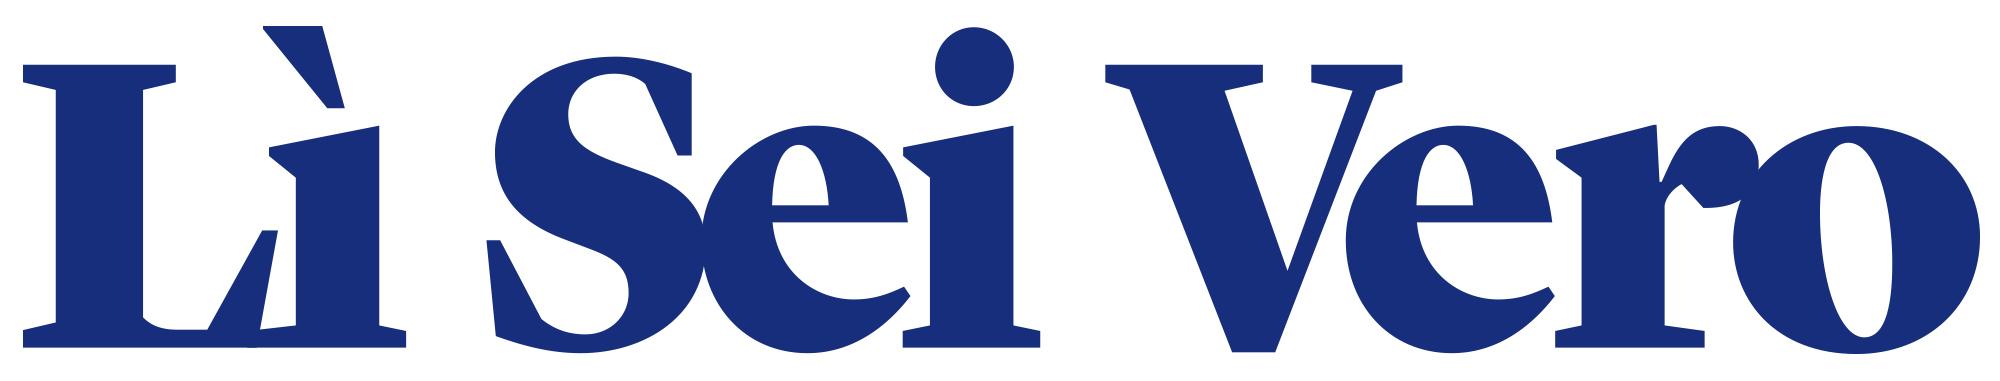 Lì-Sei-Vero-logo-2019